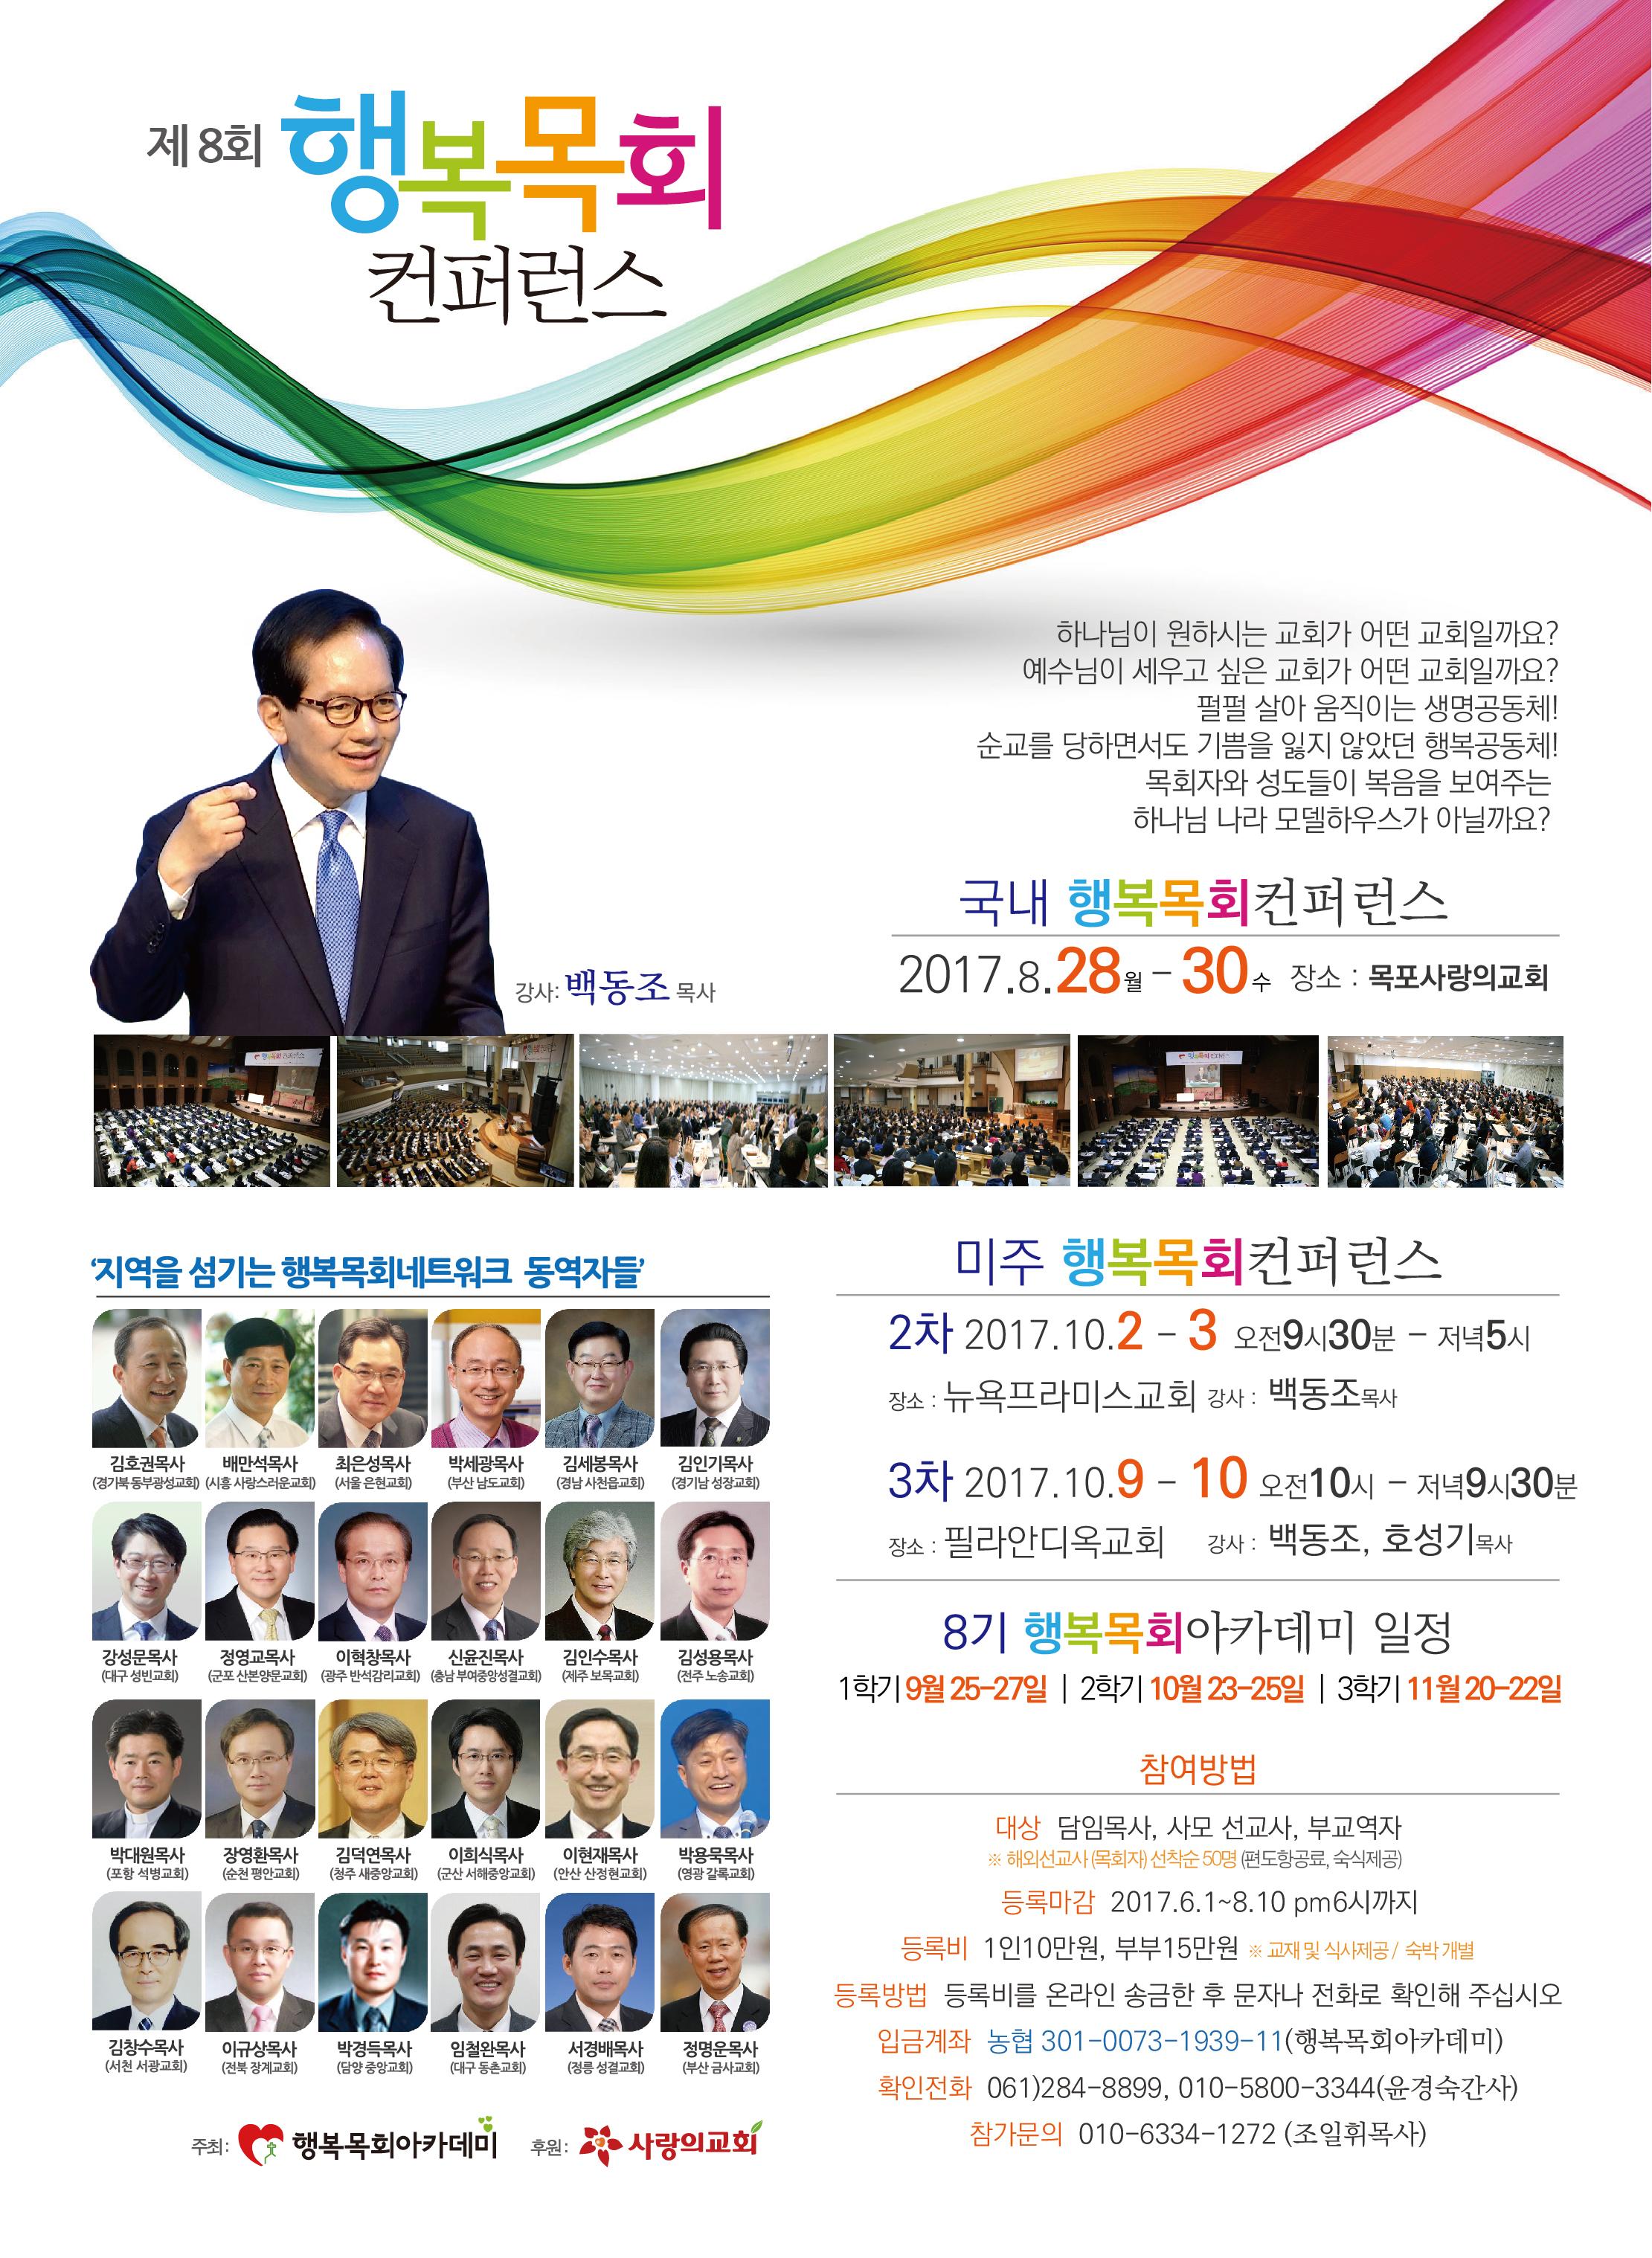 제8회 2017행복목회컨퍼런스 광고-01.jpg